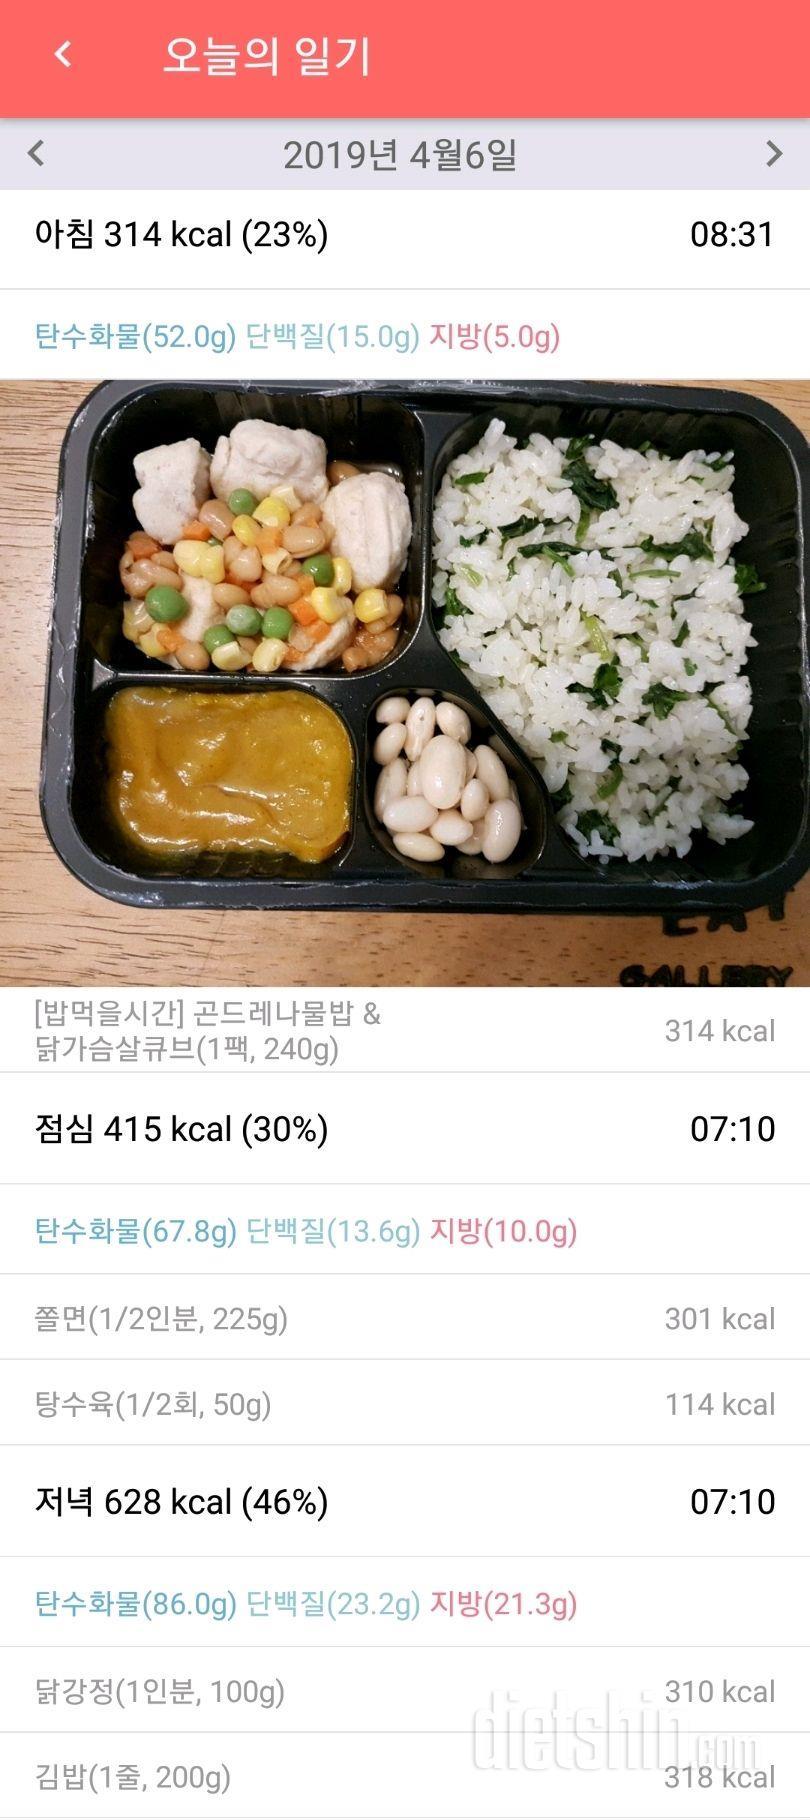 [도시락챌린지] 3일차 식단인증